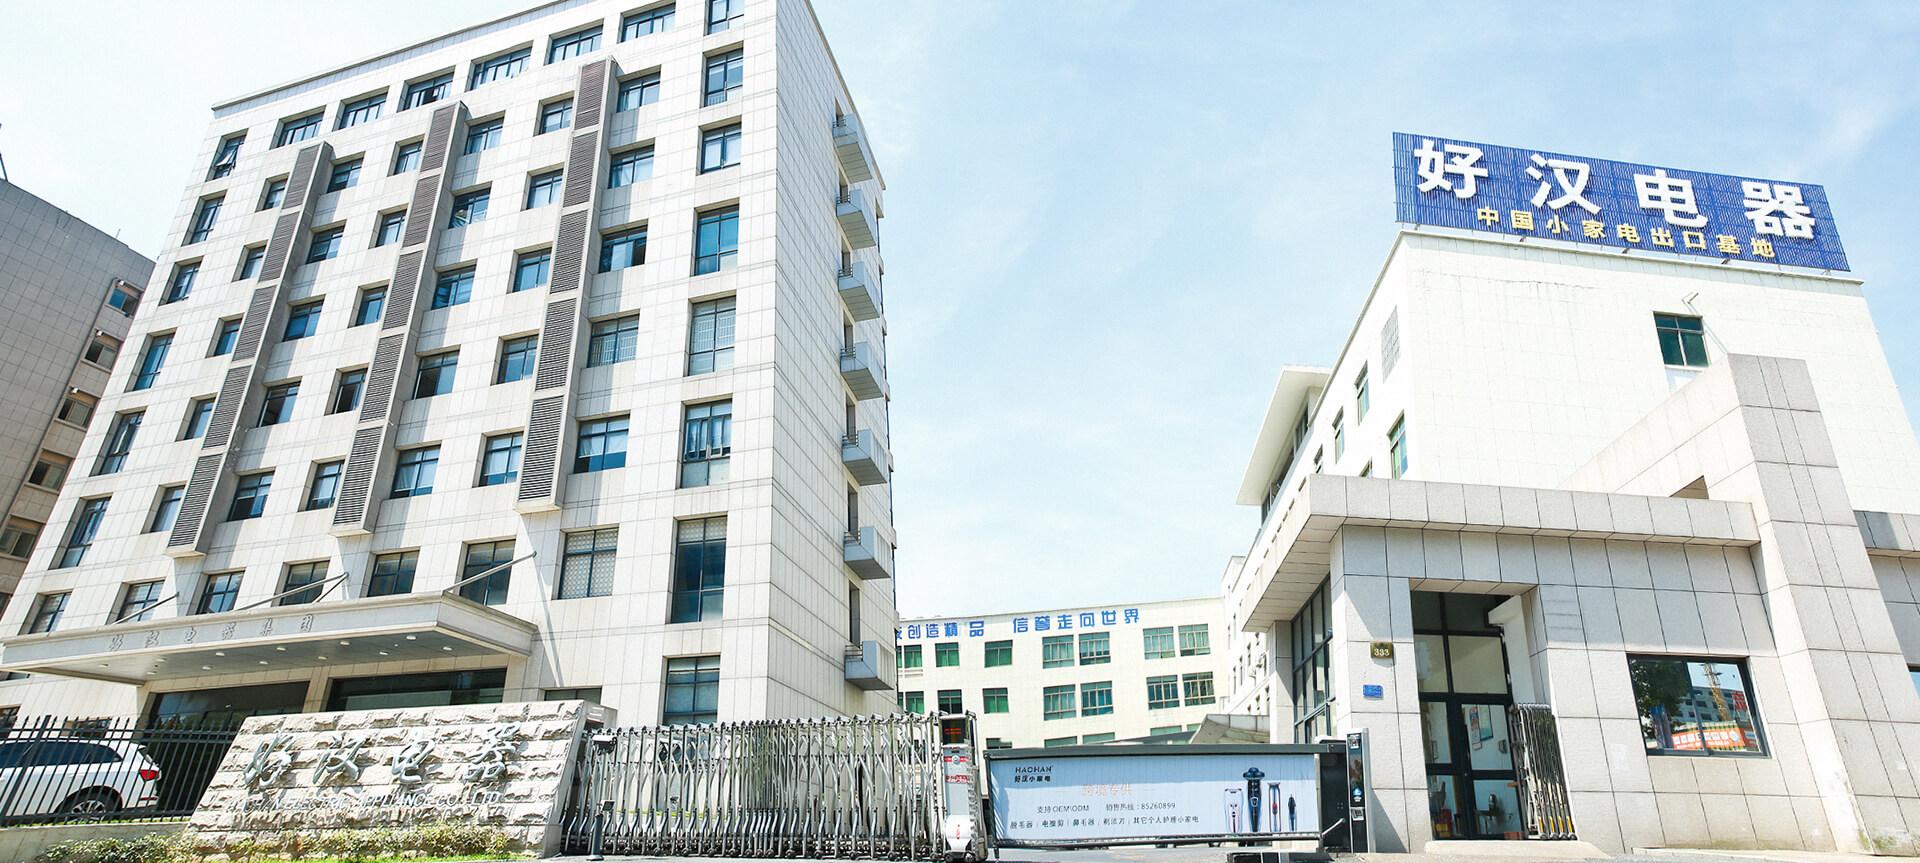 Zhejiang Haohan Electric Appliance About Us Zhejiang Haohan